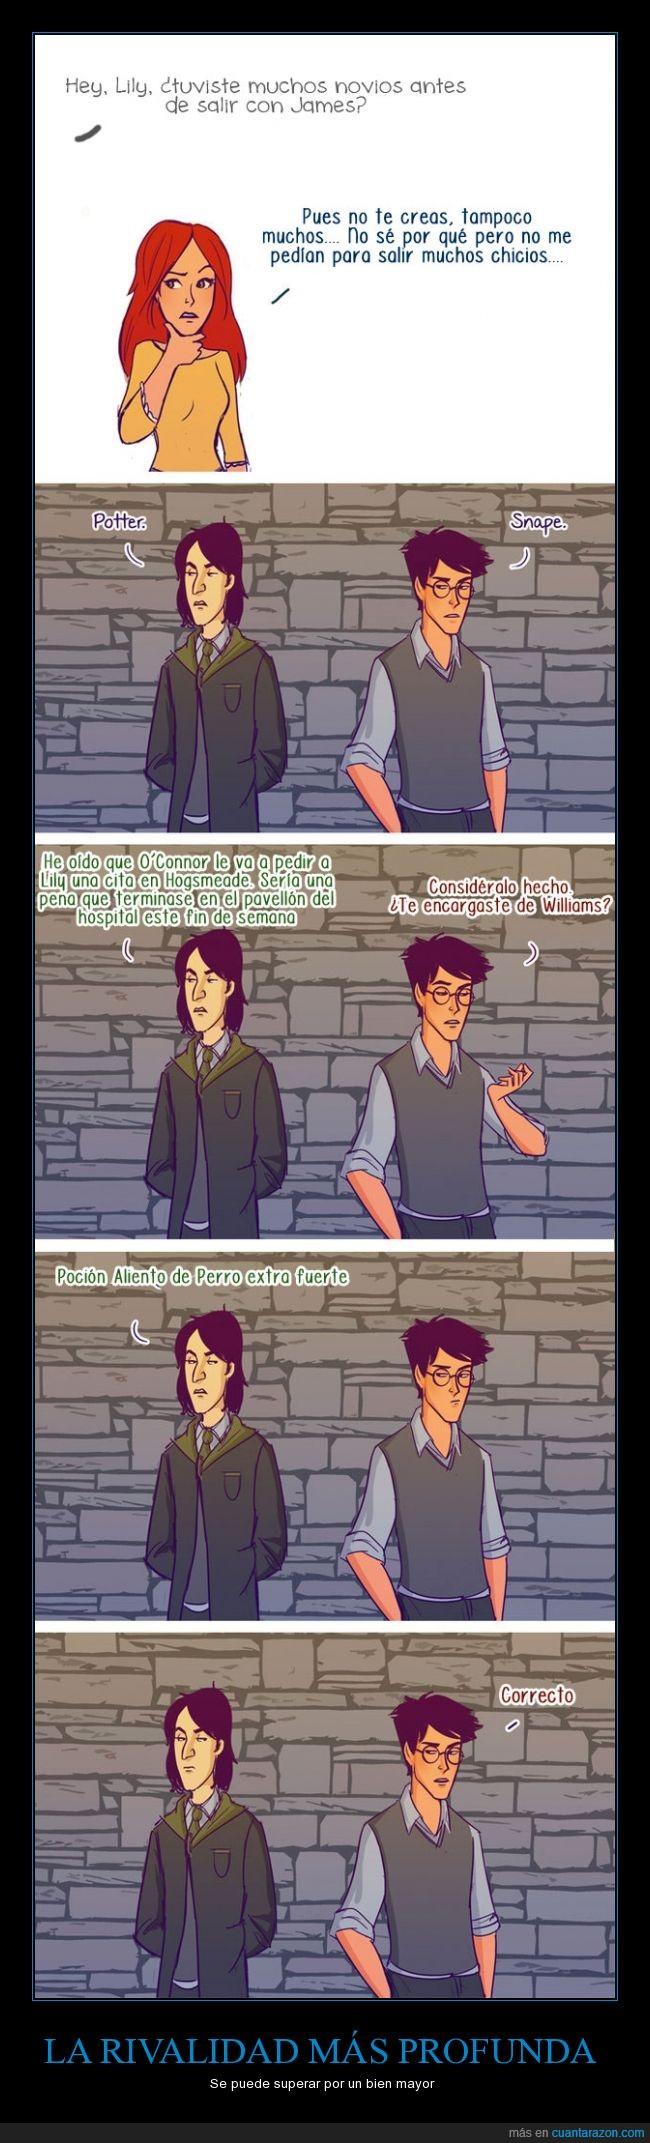 aliento,cita,espantar,Harry Potter,James,Lily,pacto,pedir,perro,rivalidad,Severus Snape